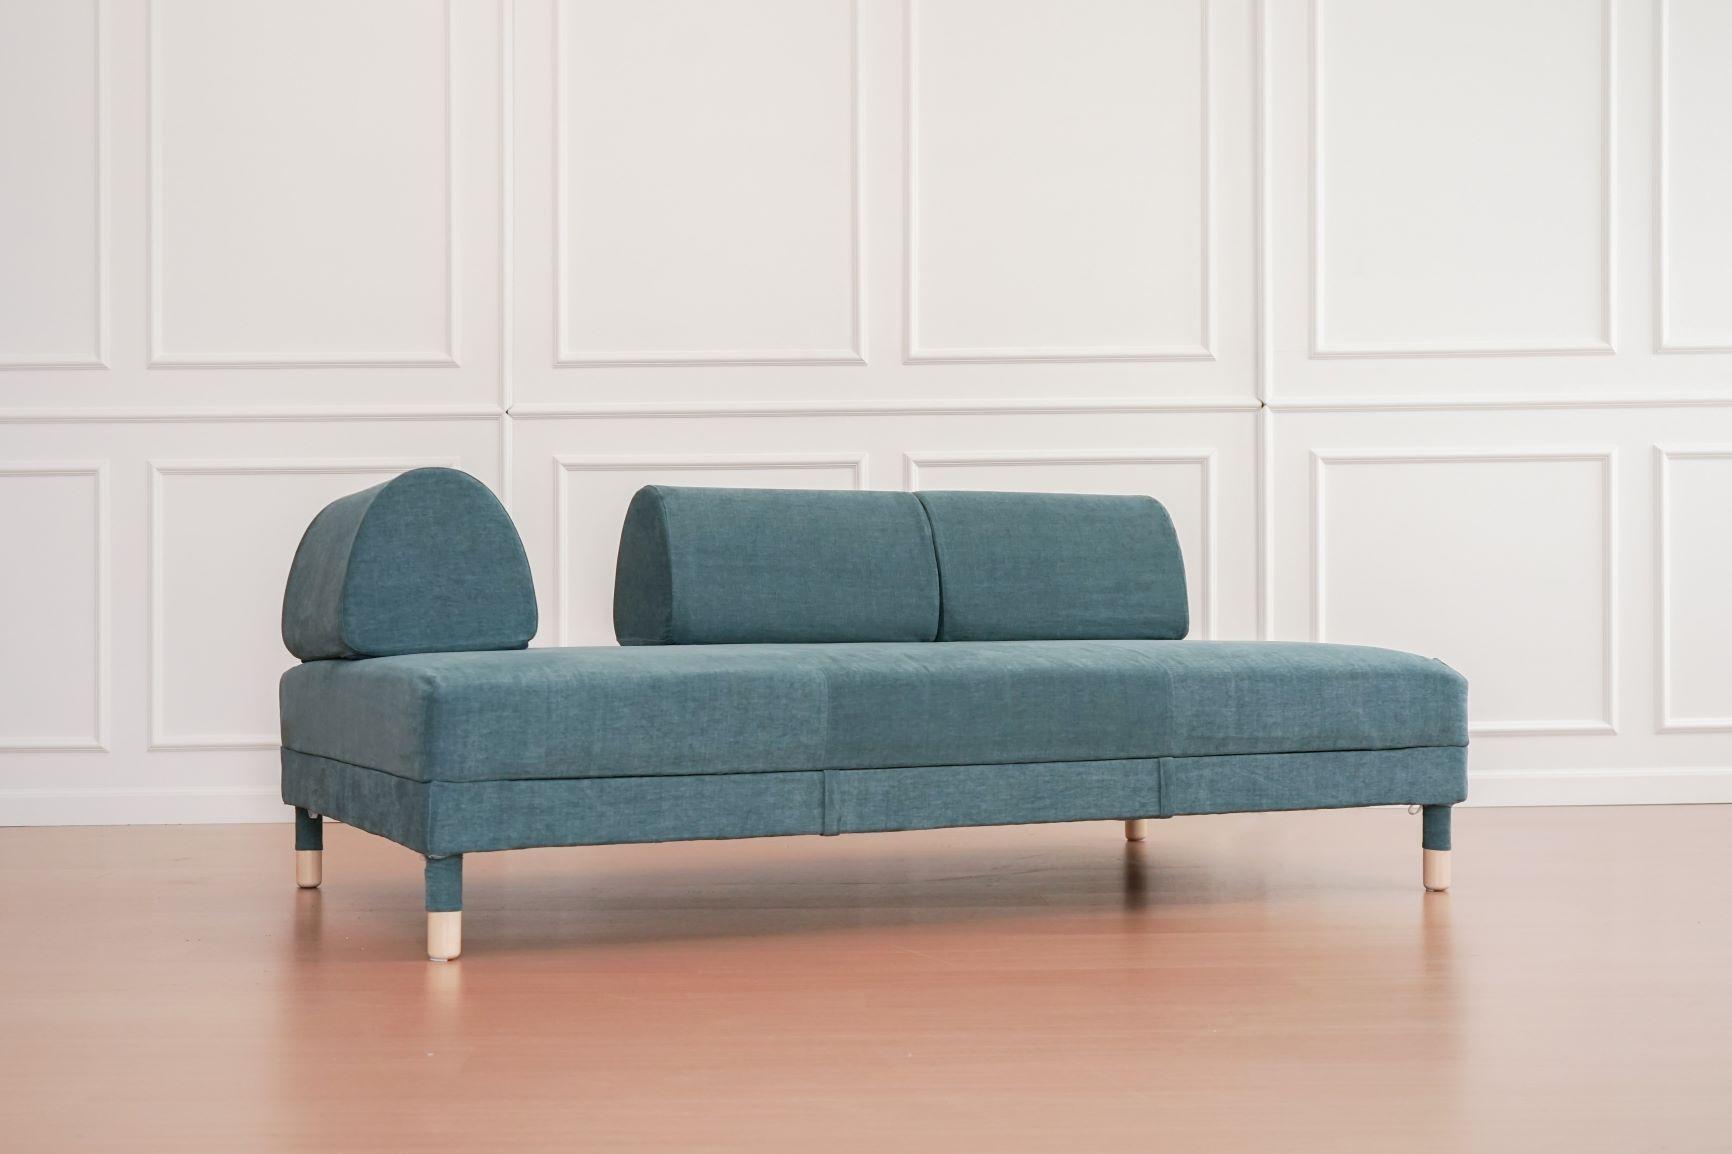 ikea-flottebo-green-sofacover